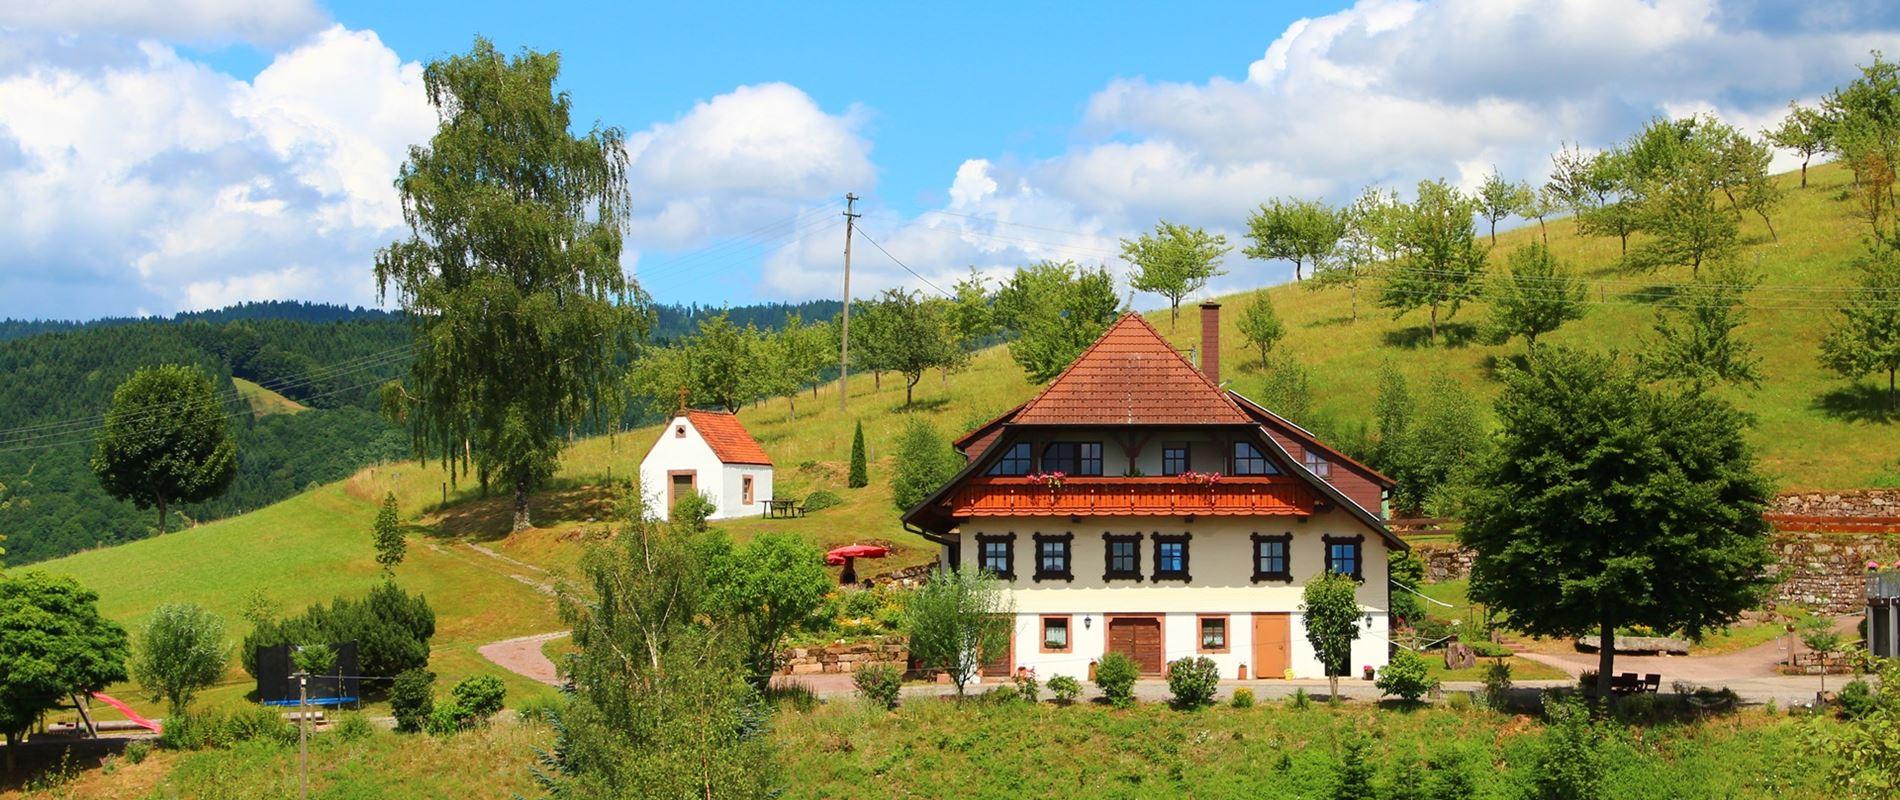 Ferienhaus Hubhof Oberharmersbach Schwarzwald